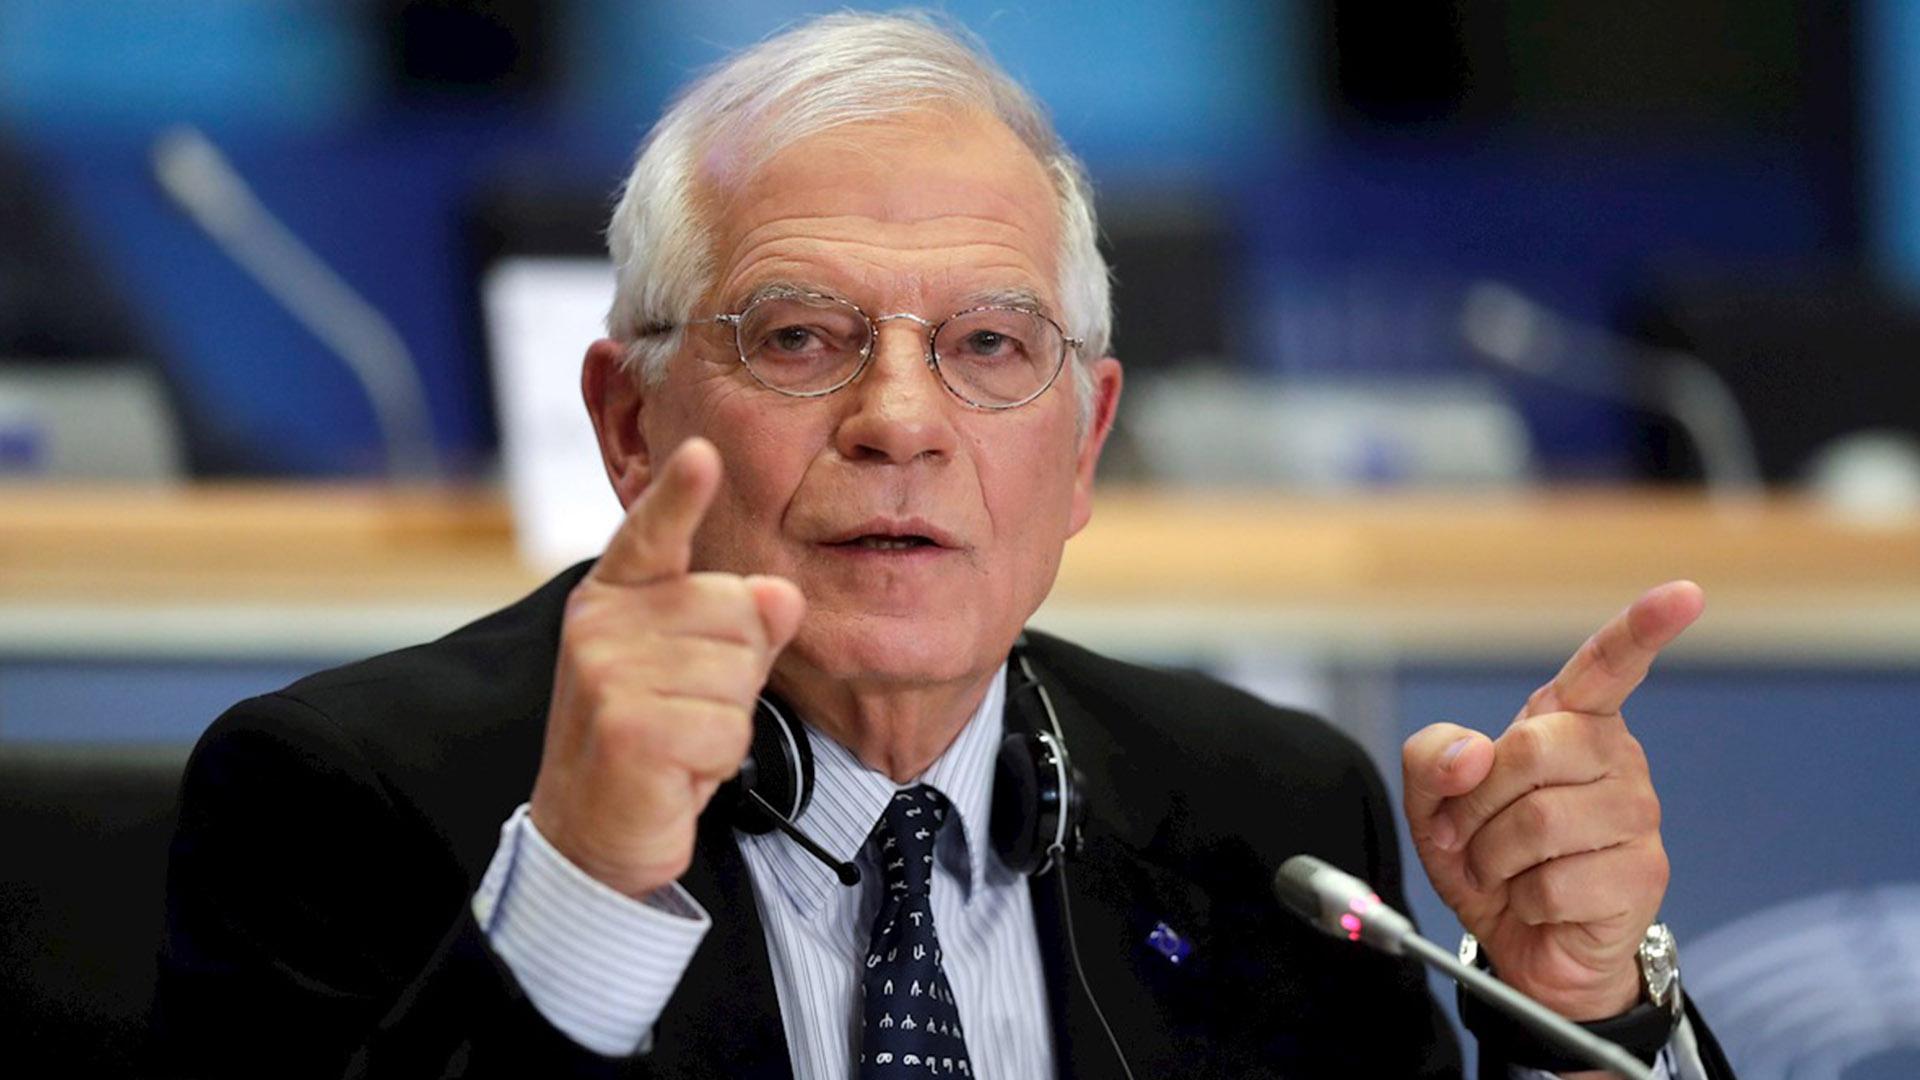 En la Unión Europea confían en que negociación entre Gobierno y oposición venezolana se mantenga de «buena fe»